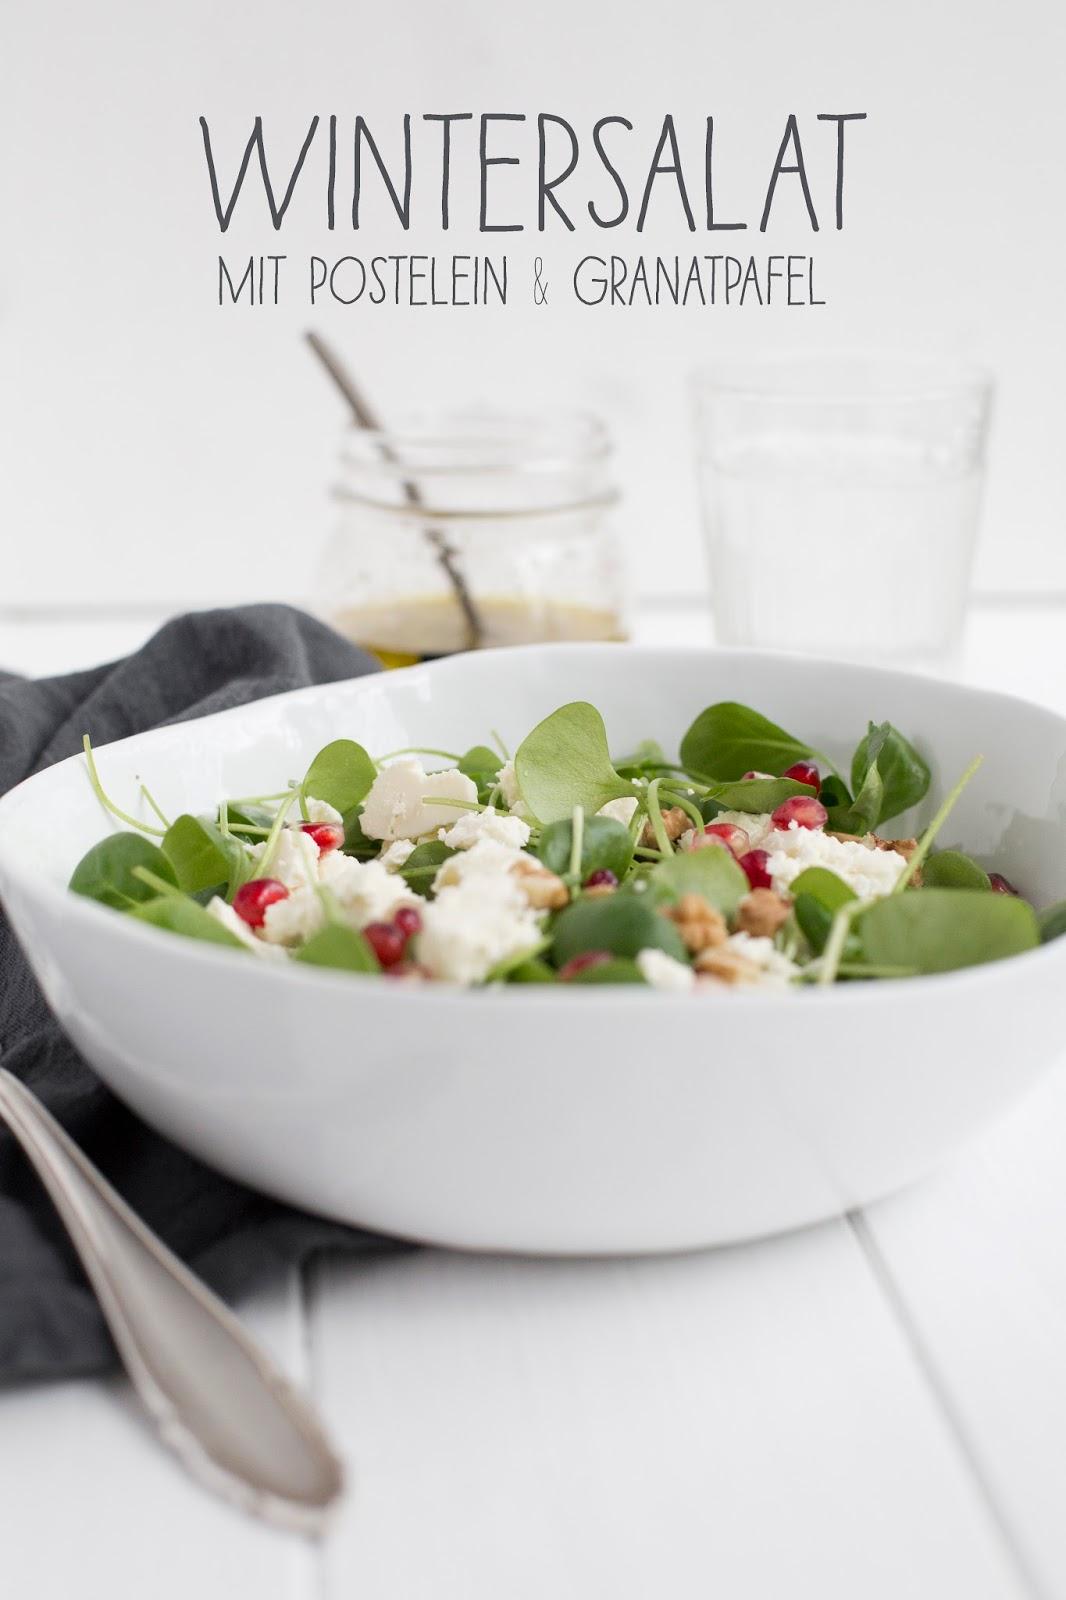 Wintersalat mit Postelein und Granatapfel